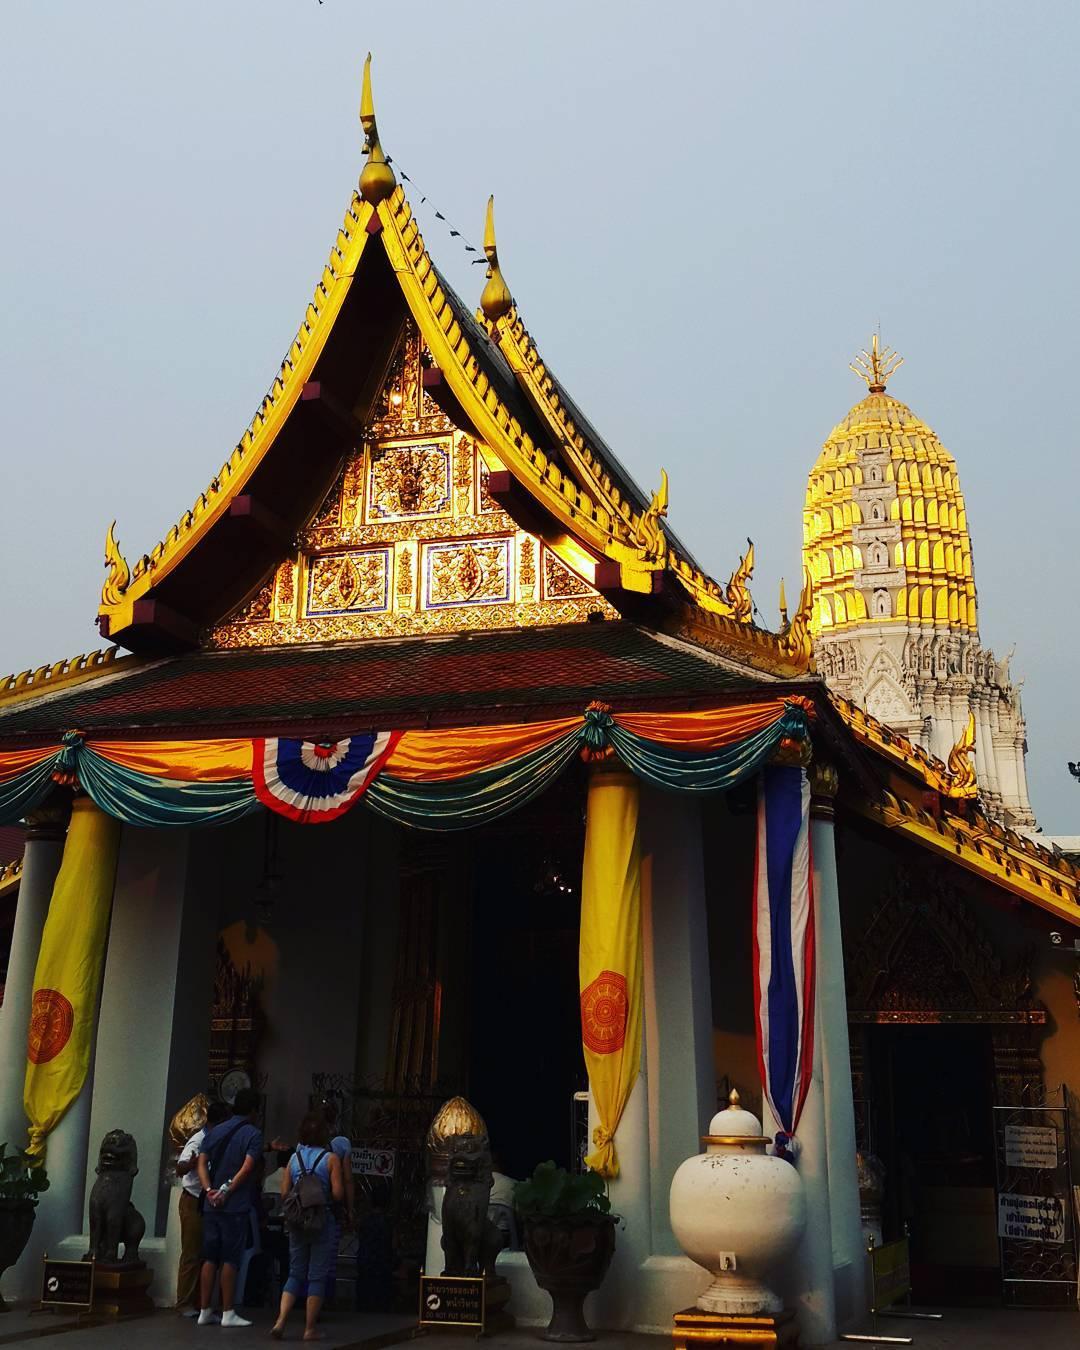 วัดพระศรีรัตนมหาธาตุฯ (วัดใหญ่) Wat Phra Sri Rattana Mahathat (Wat Yai)  http://4sq.com/9Buvvp